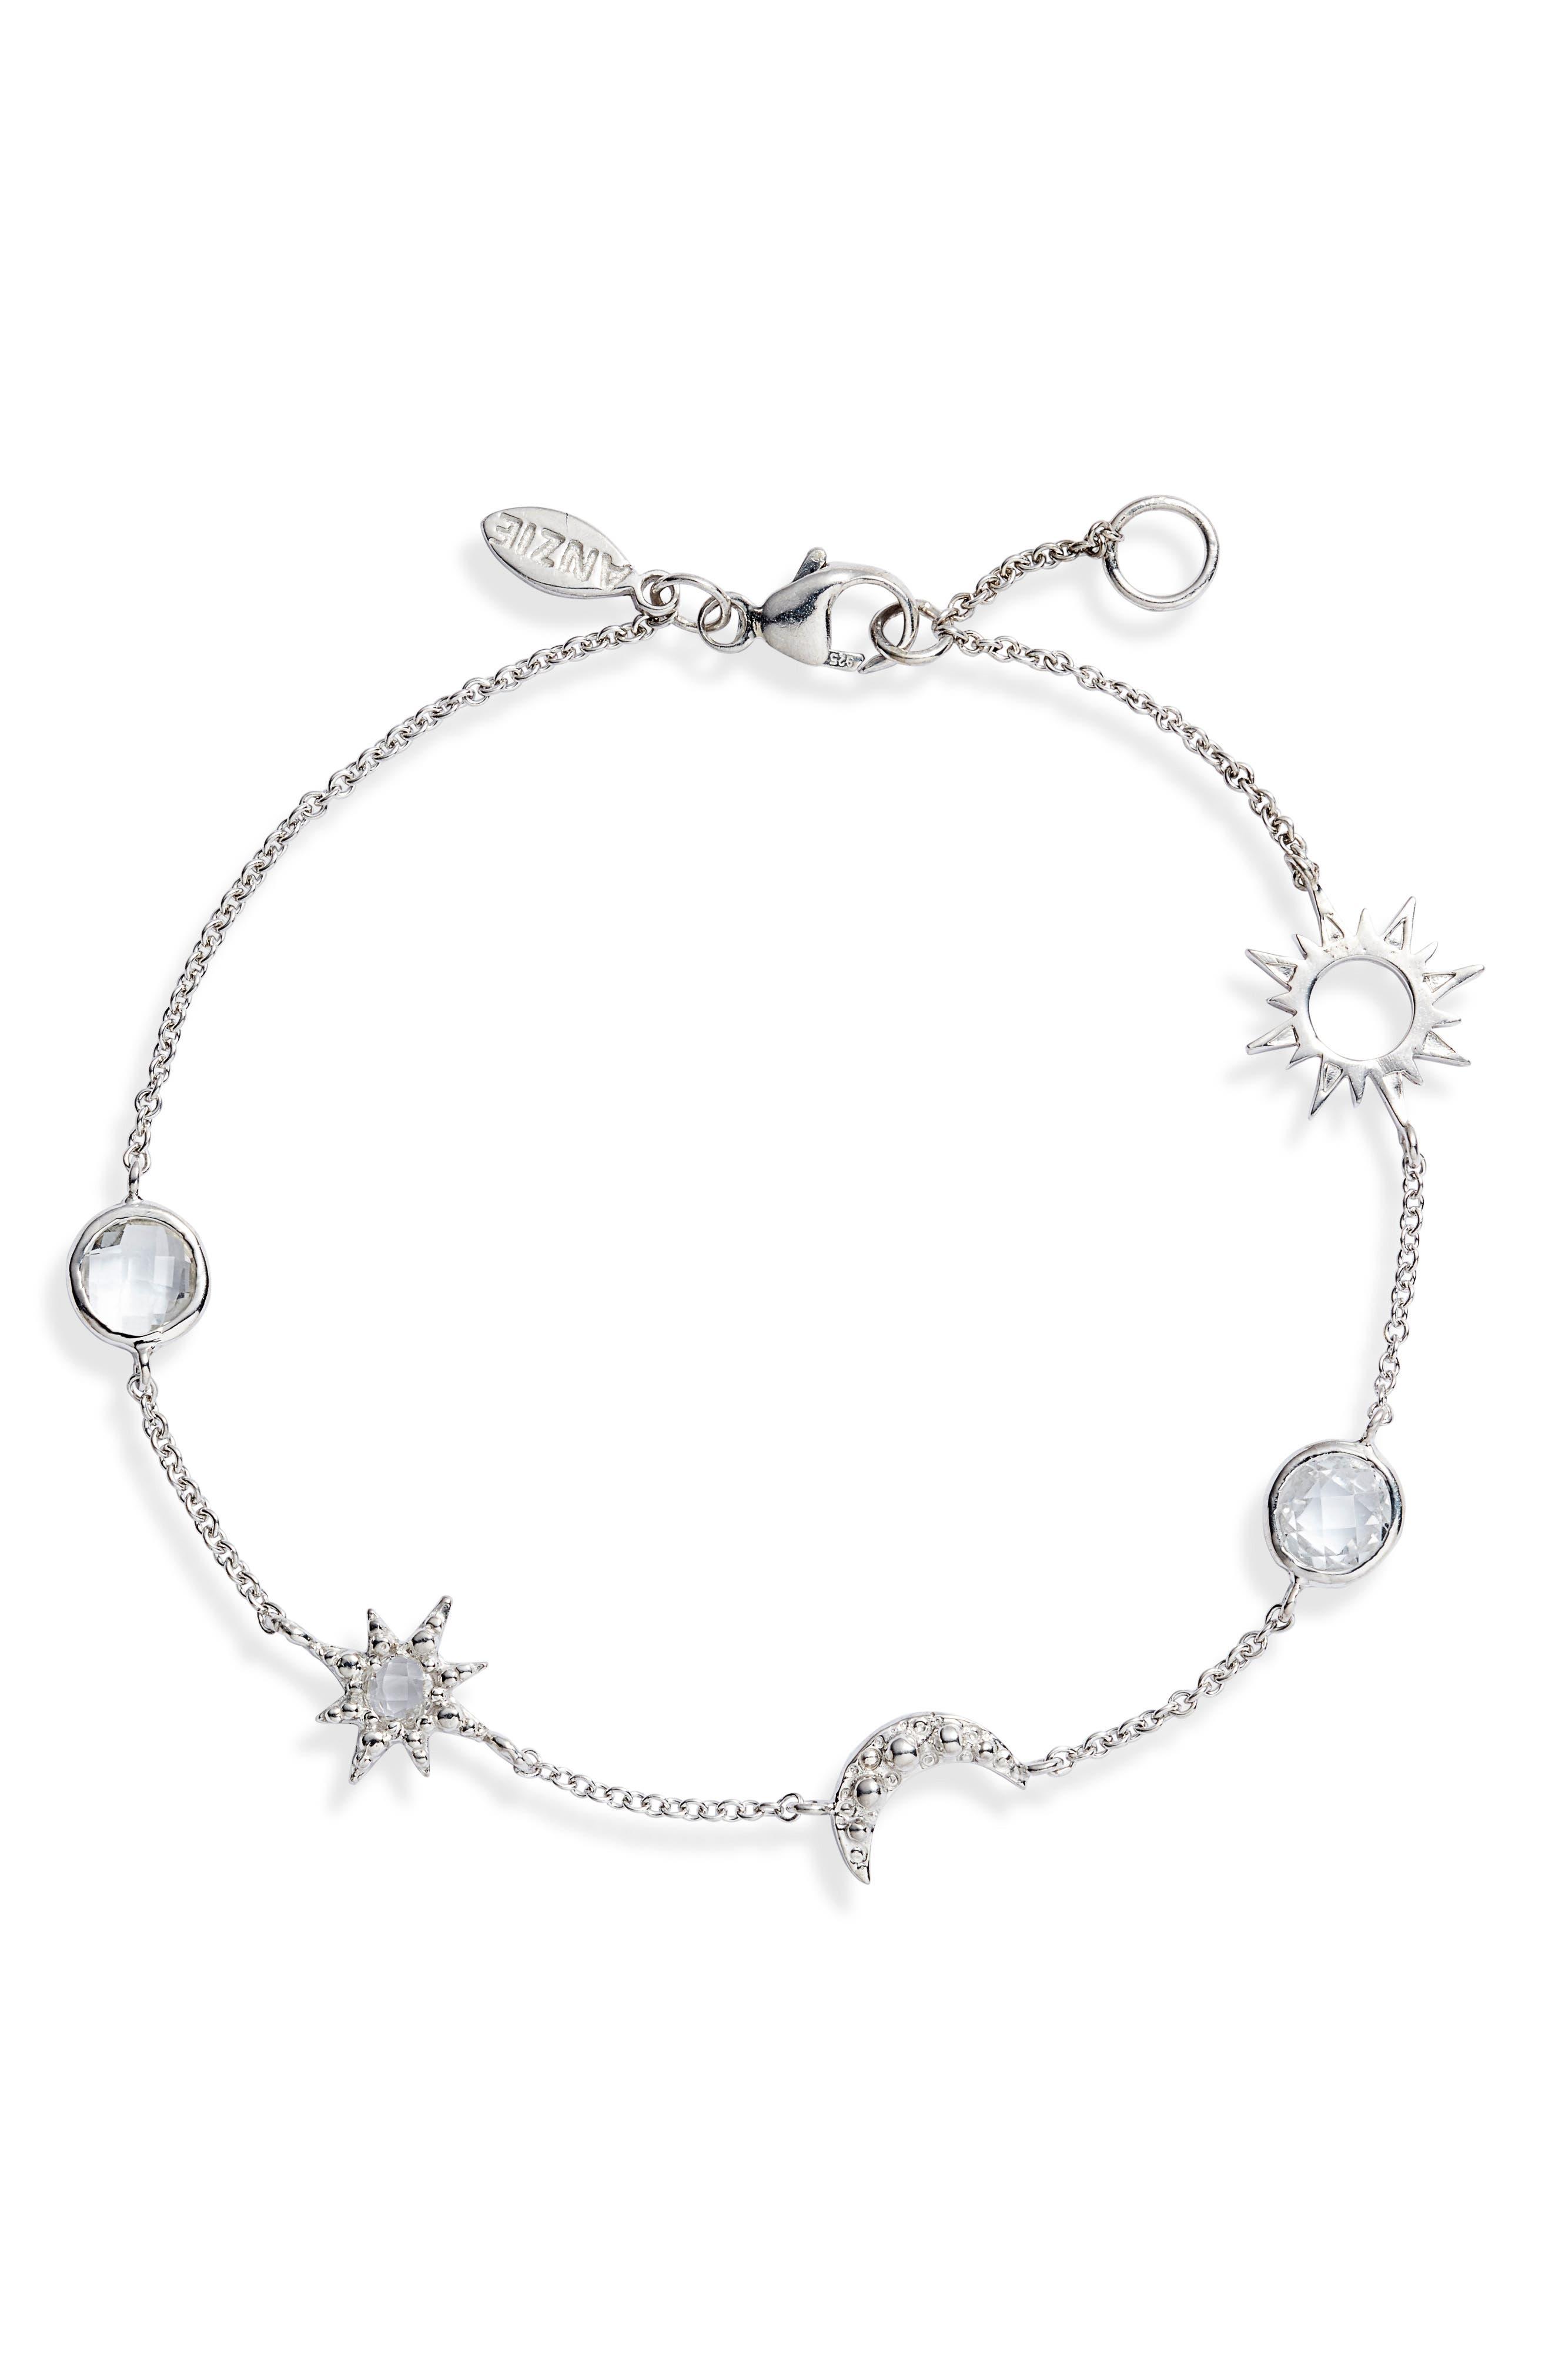 Starburst Celestial White Topaz Charm Bracelet